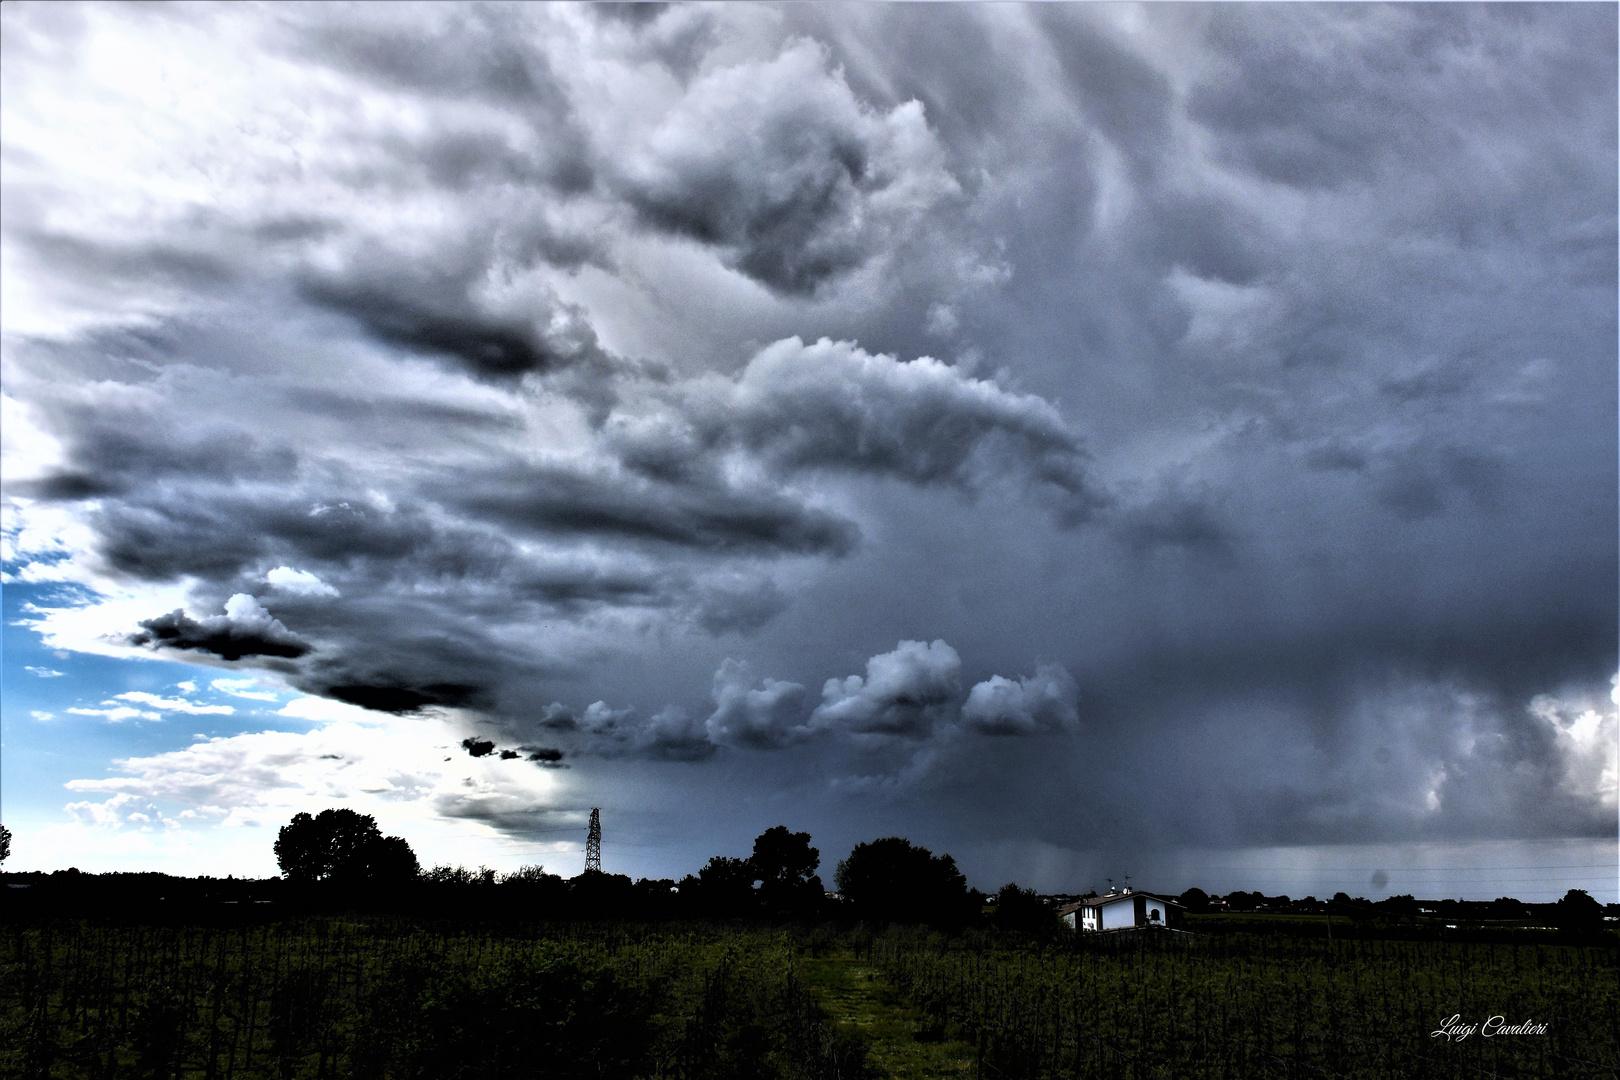 e in breve il cielo si oscura con fare minaccioso...